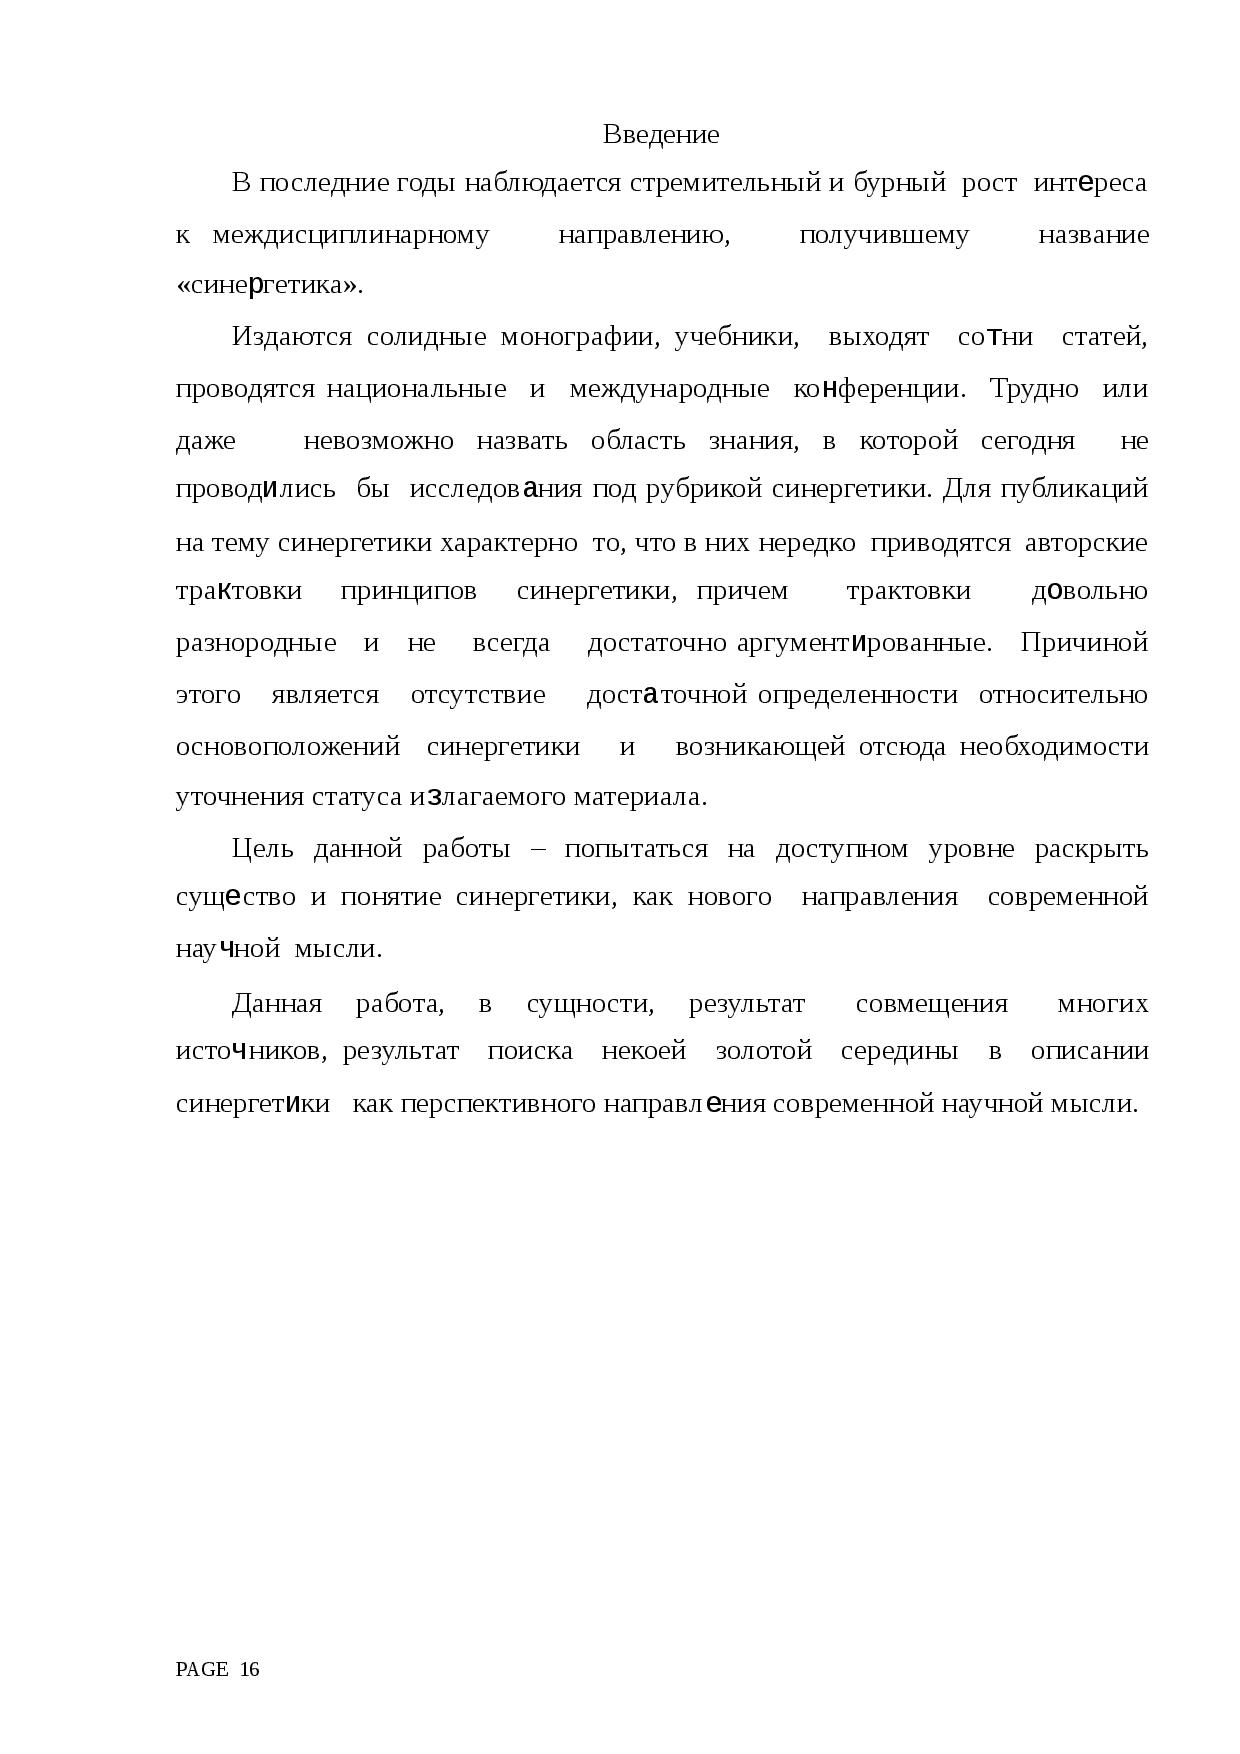 Синергетика — википедия